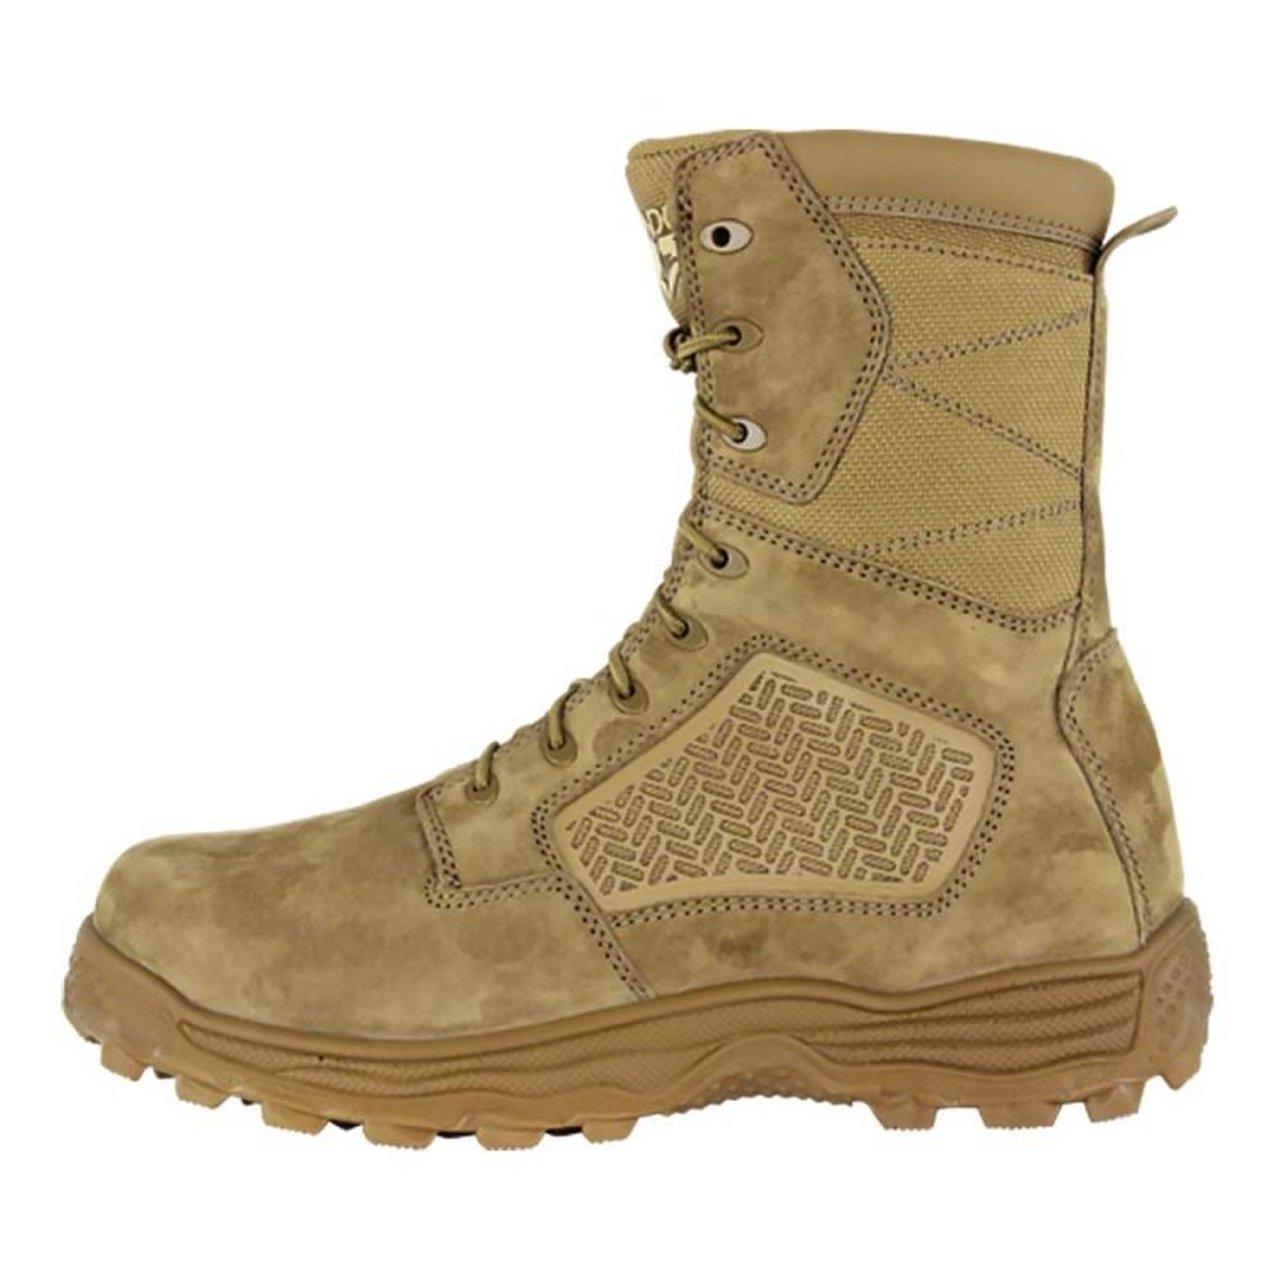 Condor Murphy Combat Boot - Coyote Brown